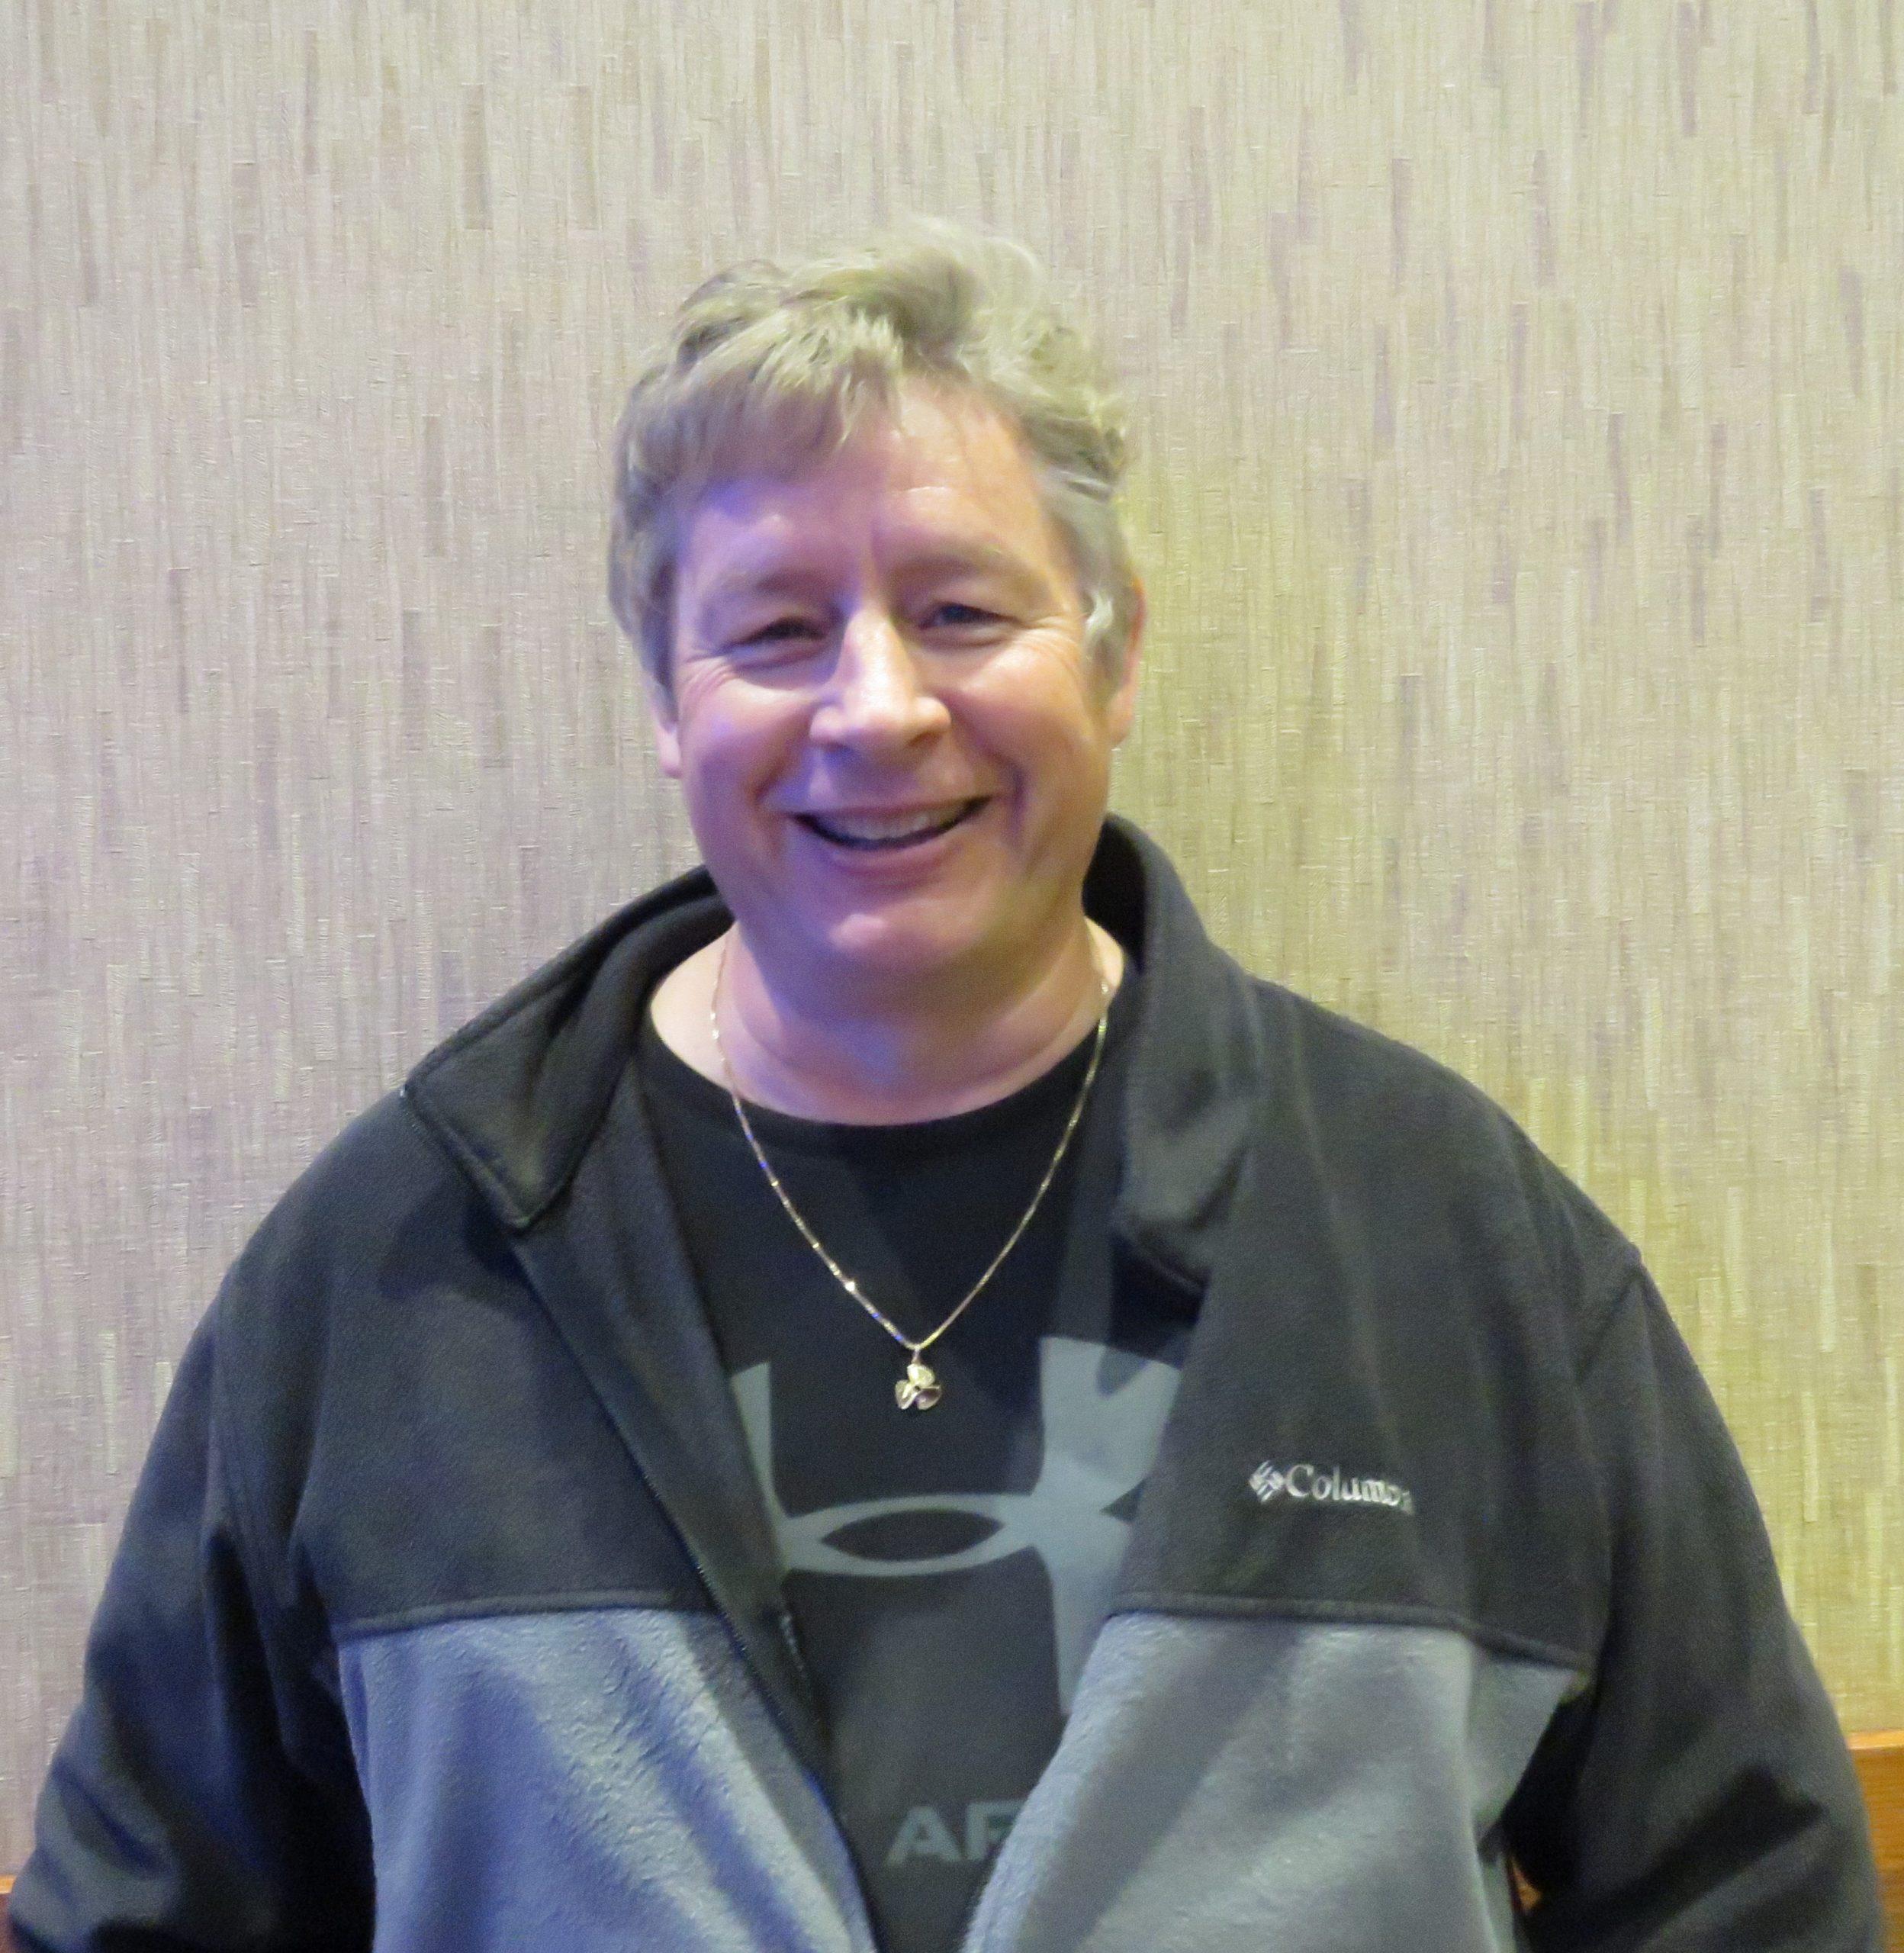 Troy Burleigh